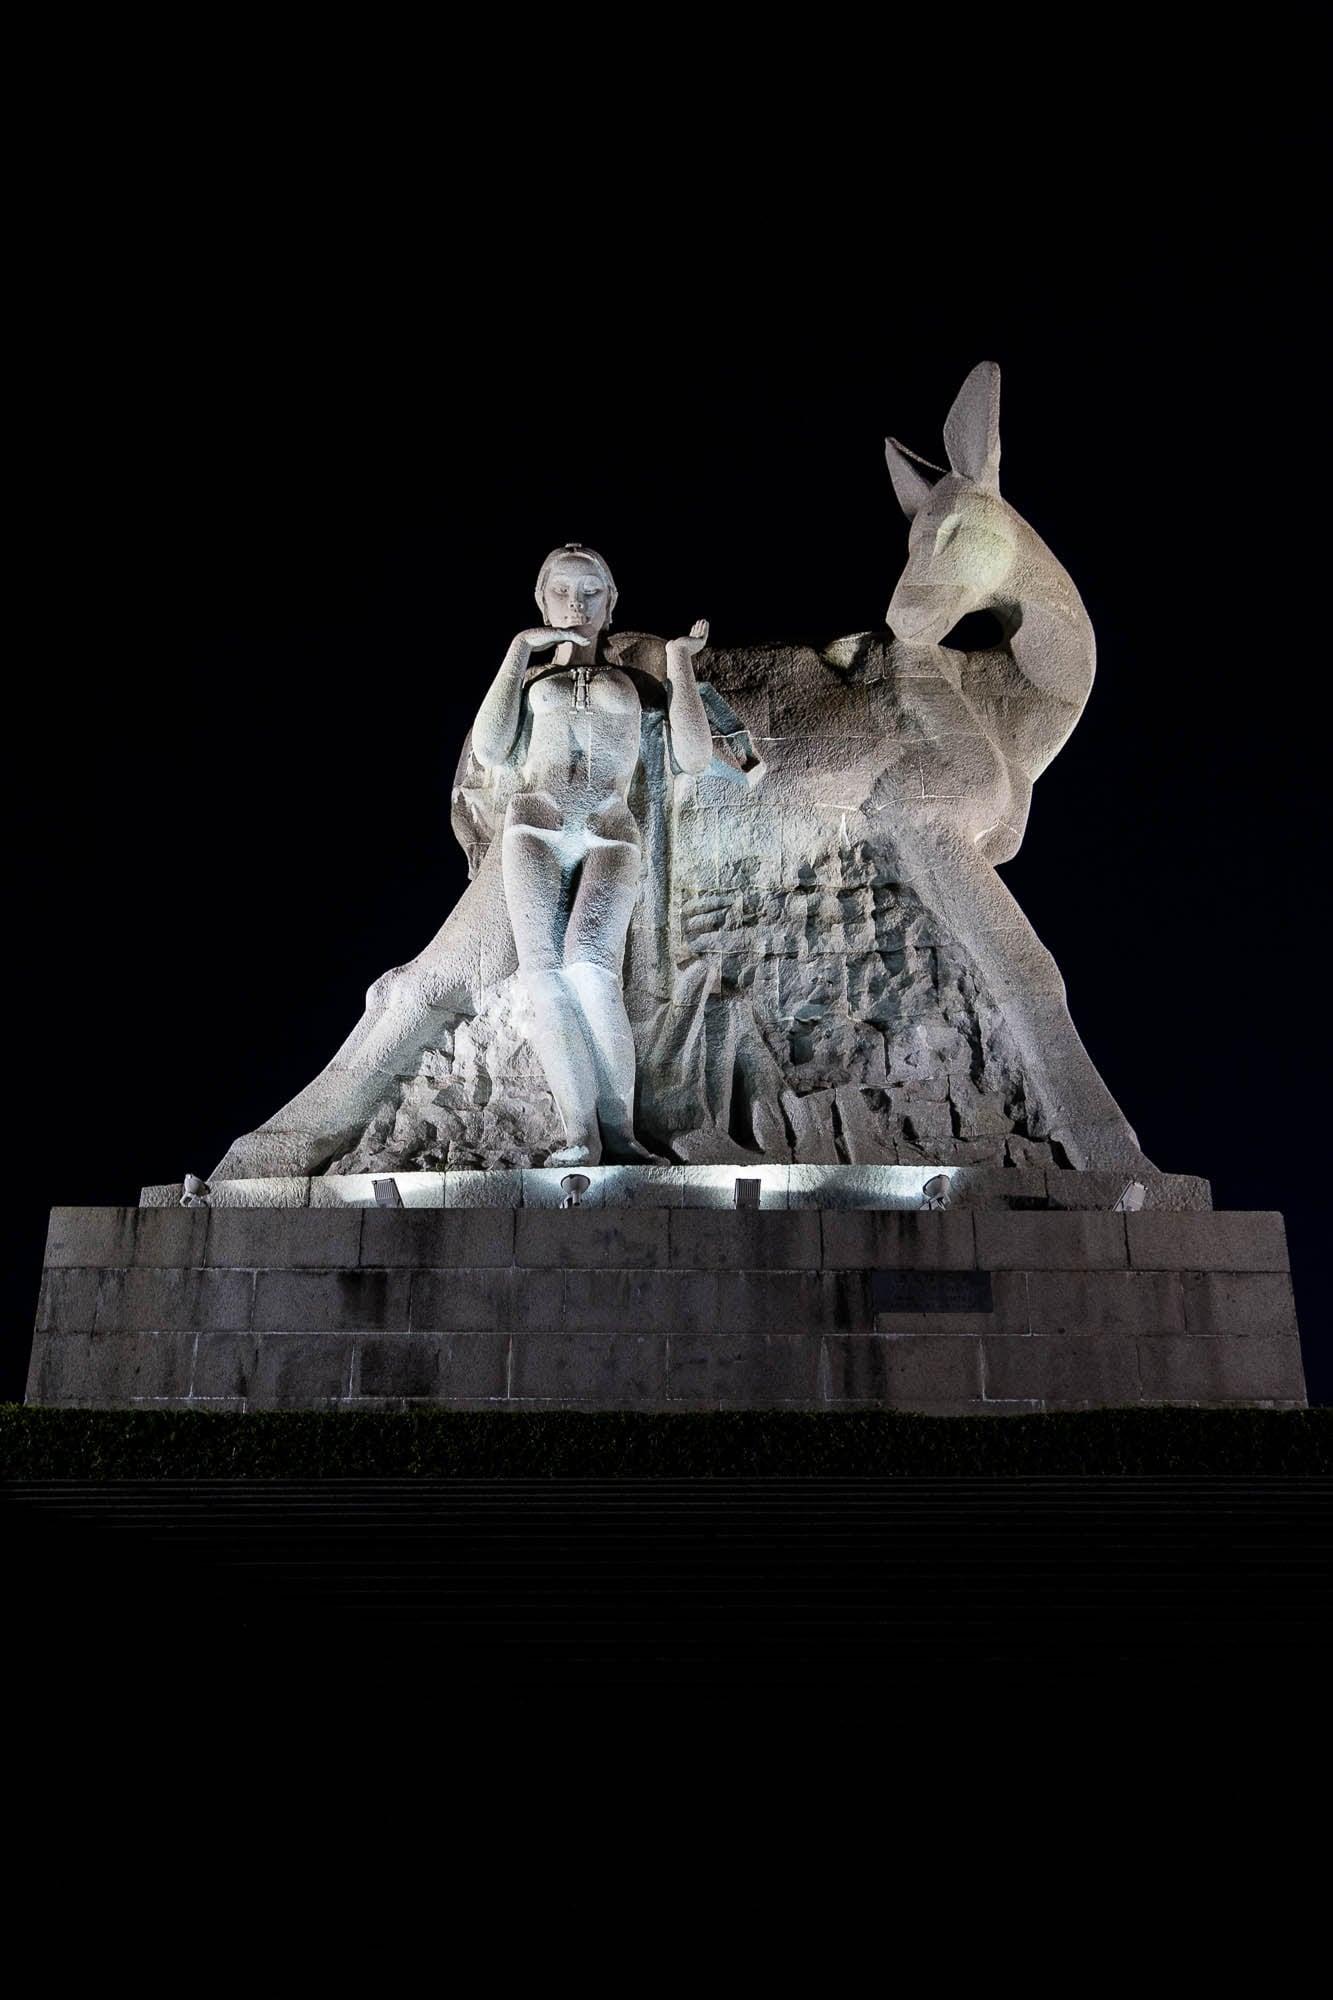 Luhuitou statue